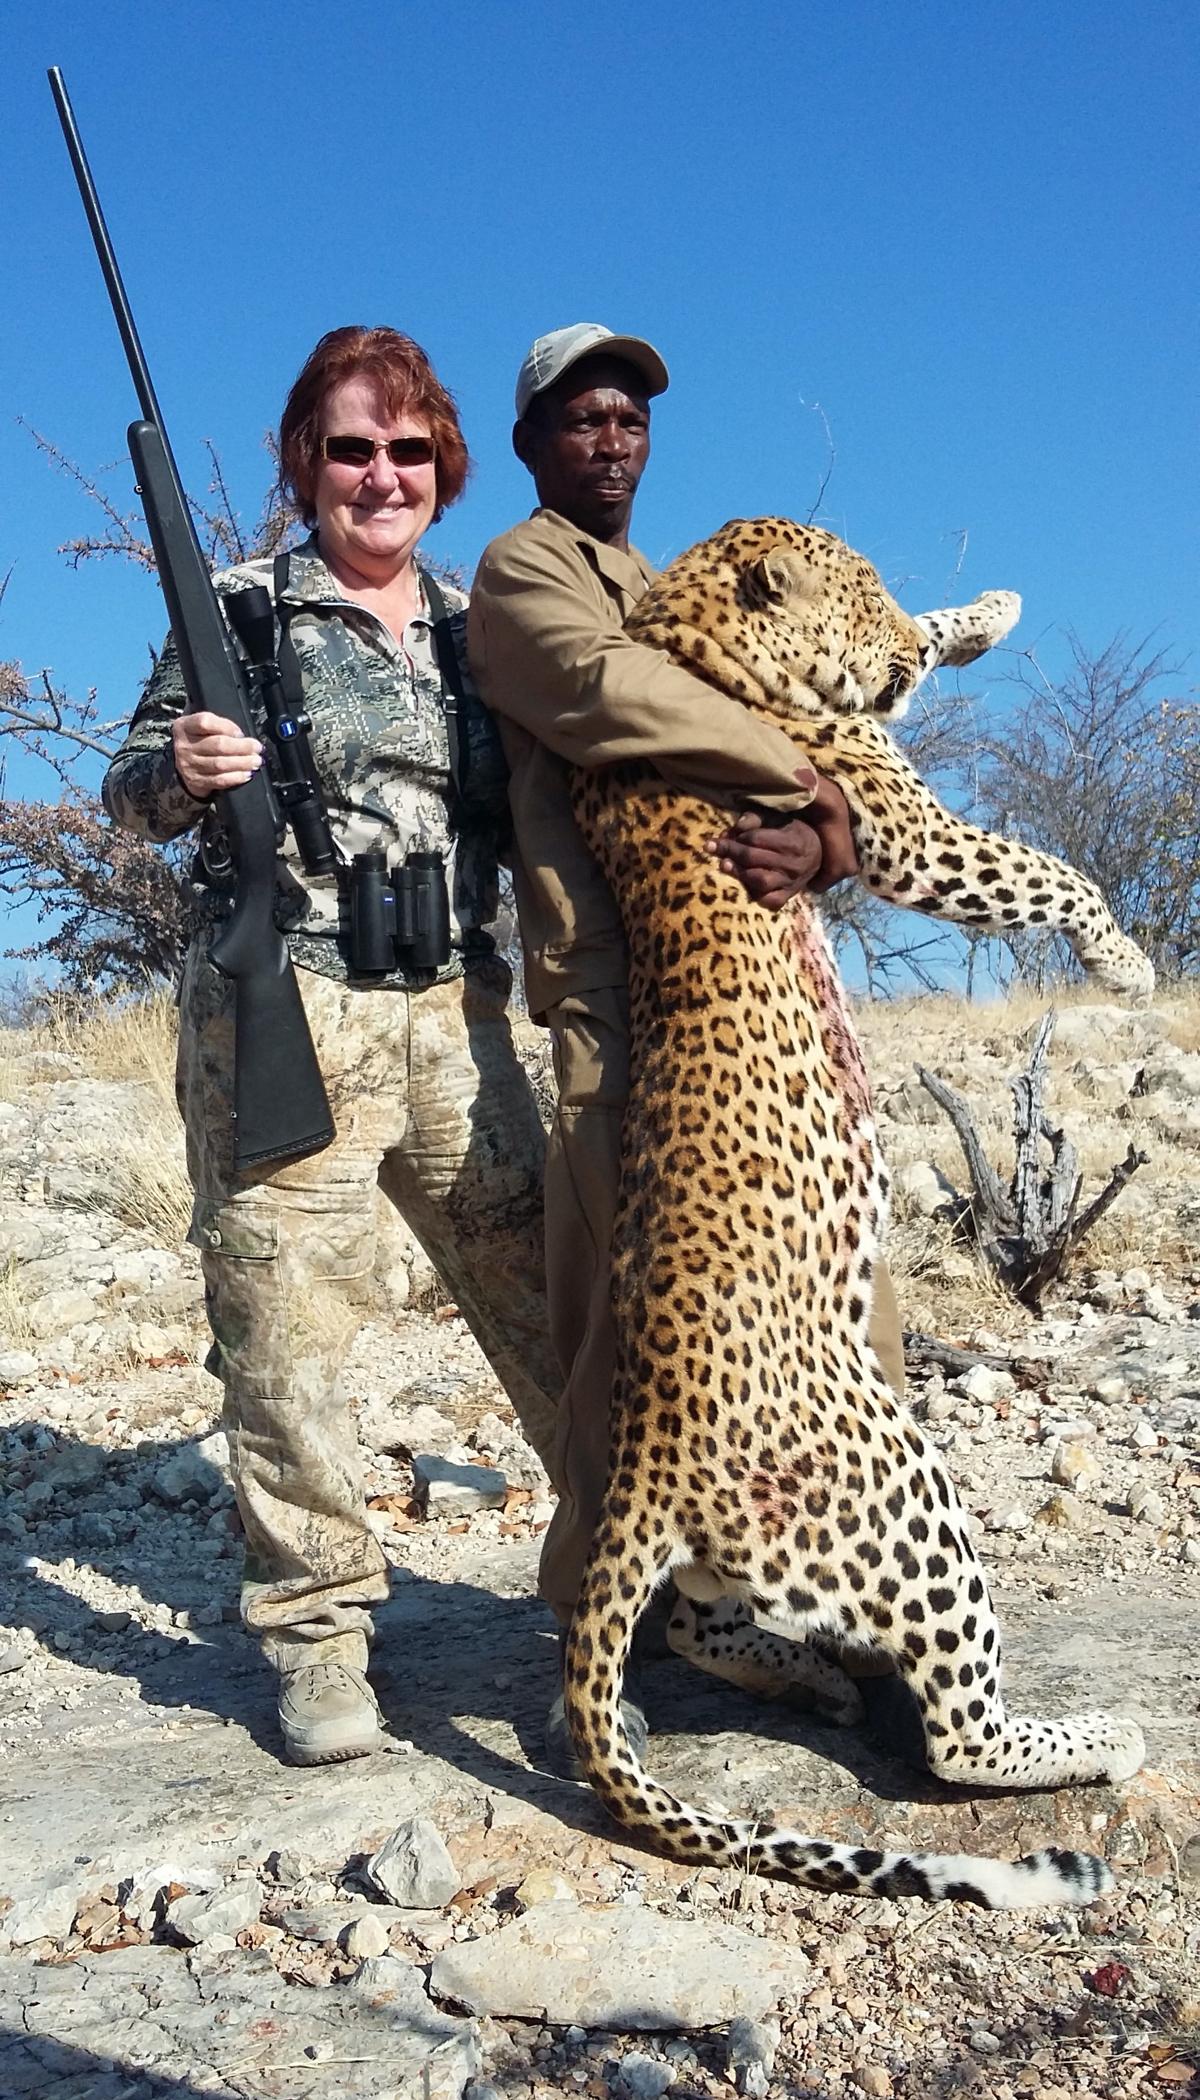 eureka-hunting-safaris-10.jpg